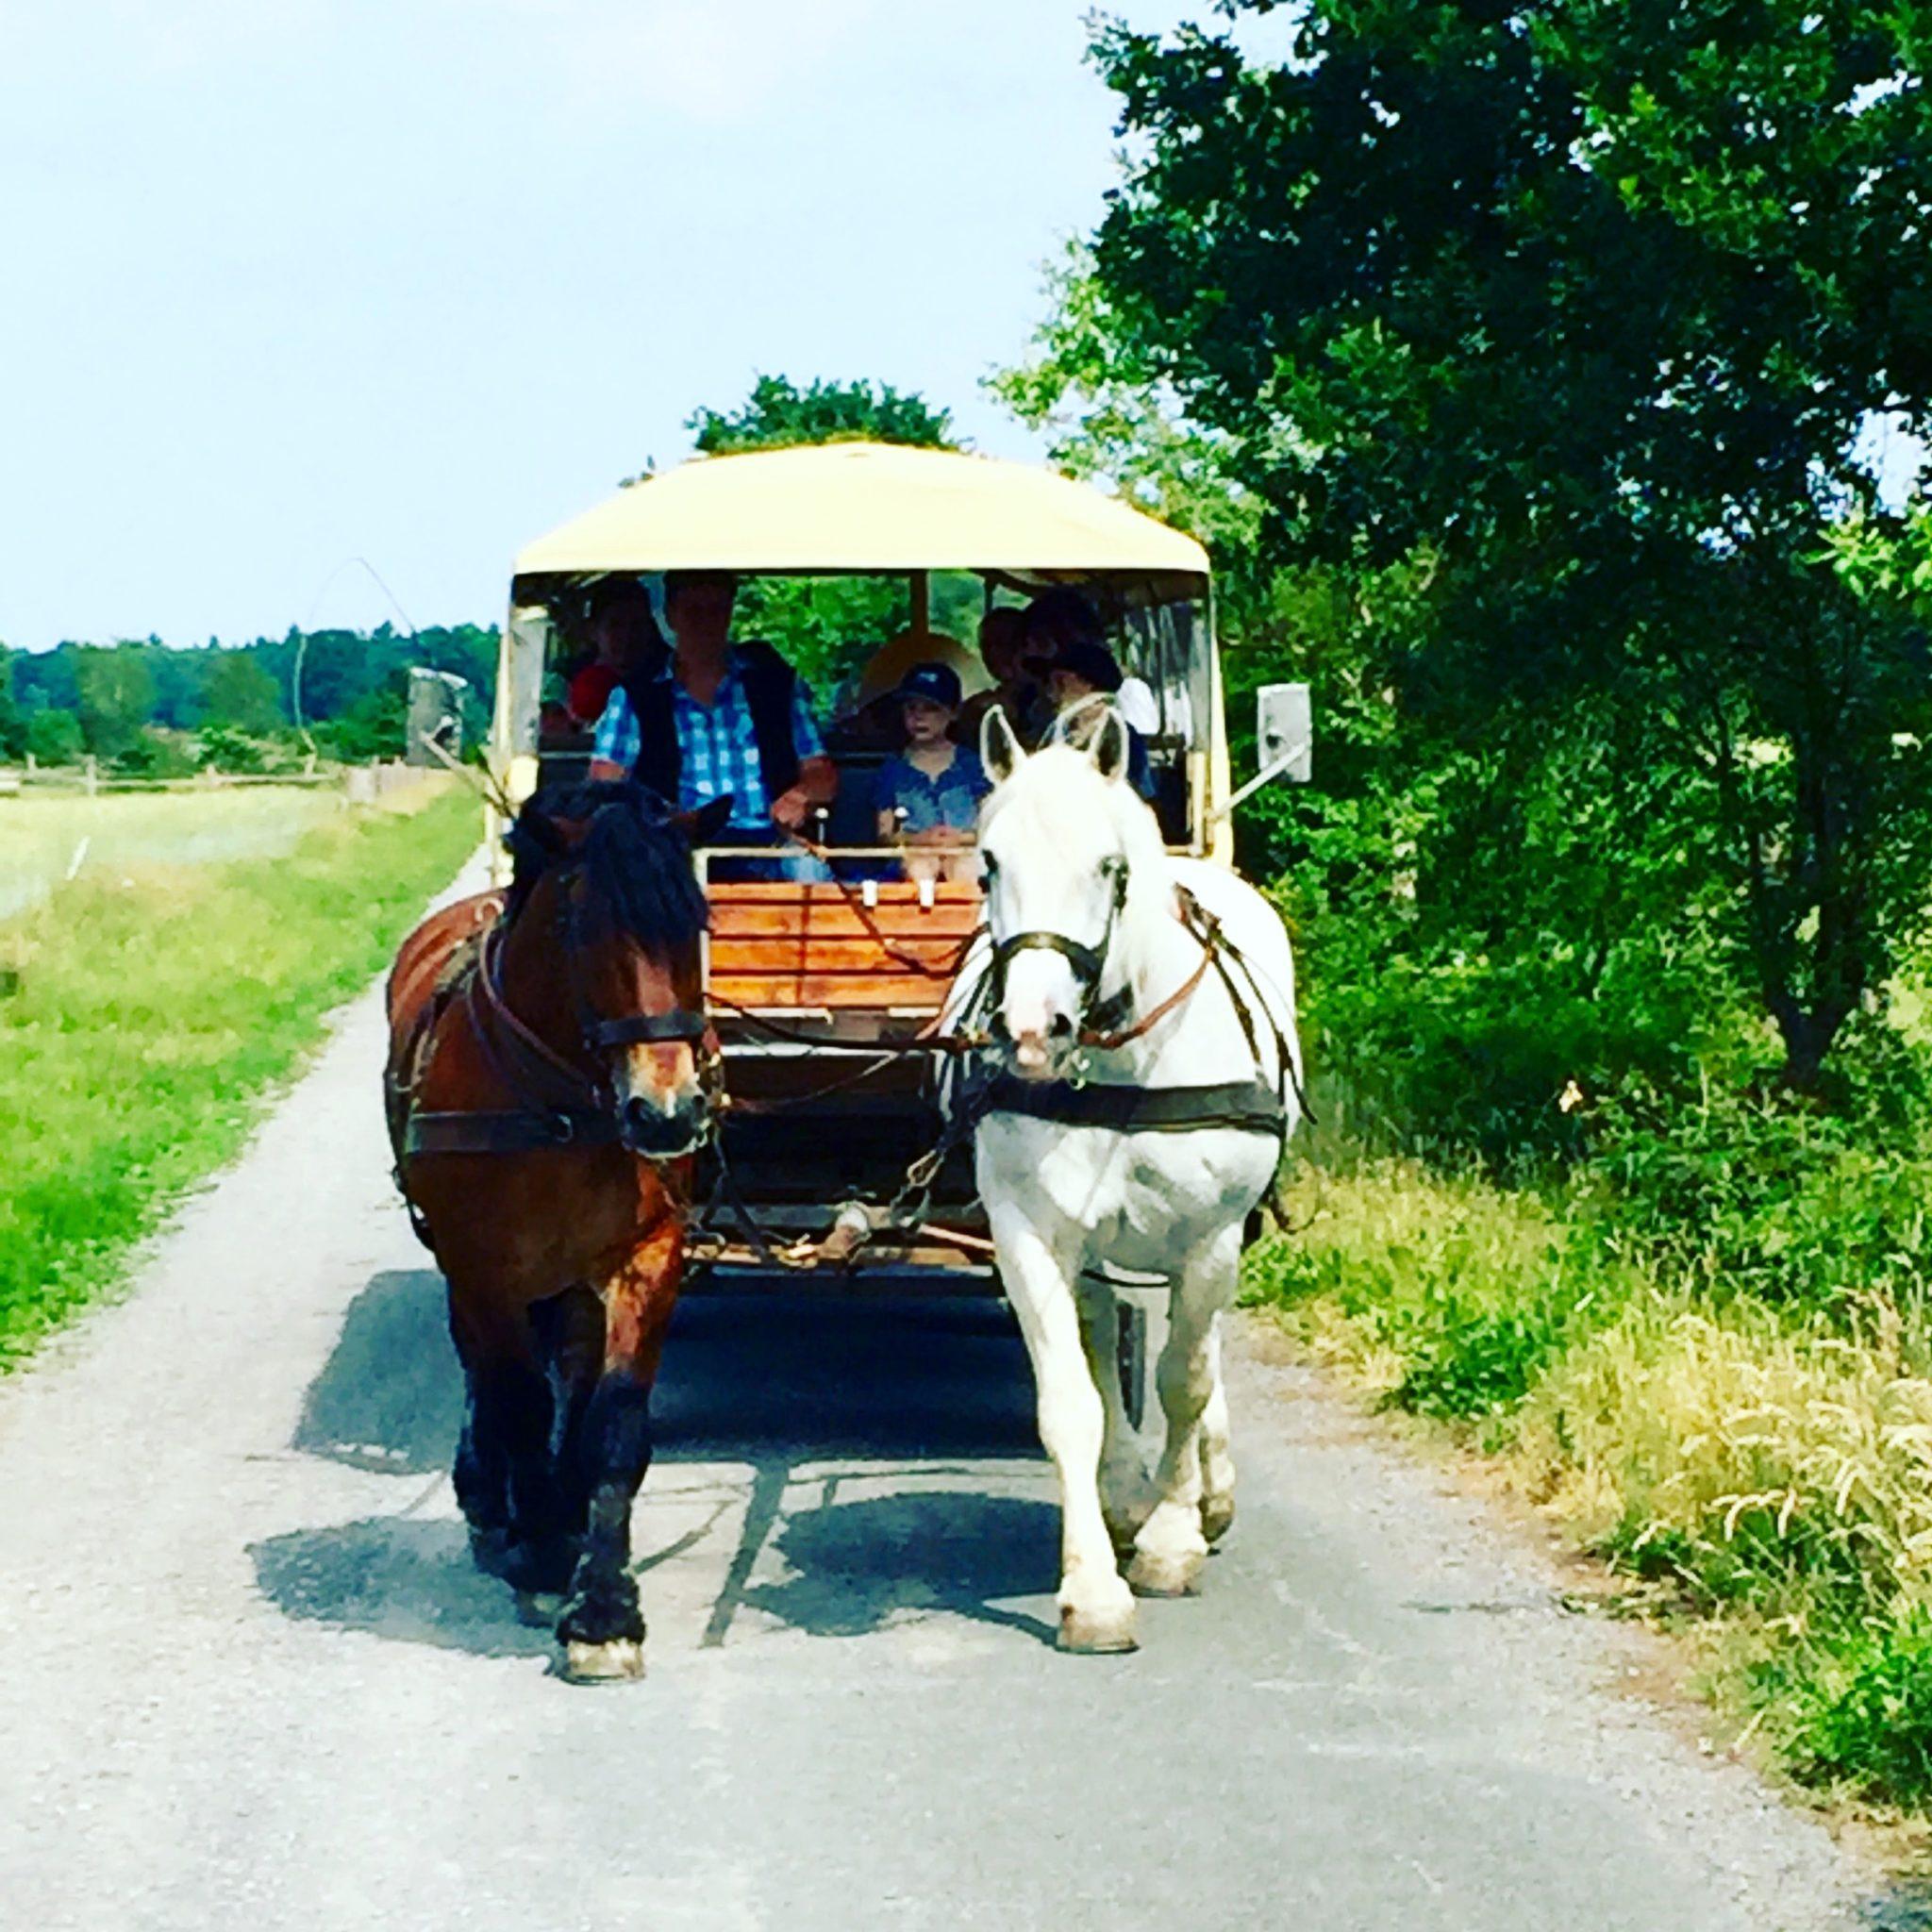 Familotel Landhaus Averbeck Familienurlaub Reisen mit Kindern Niedersachsen Pferdekutsche